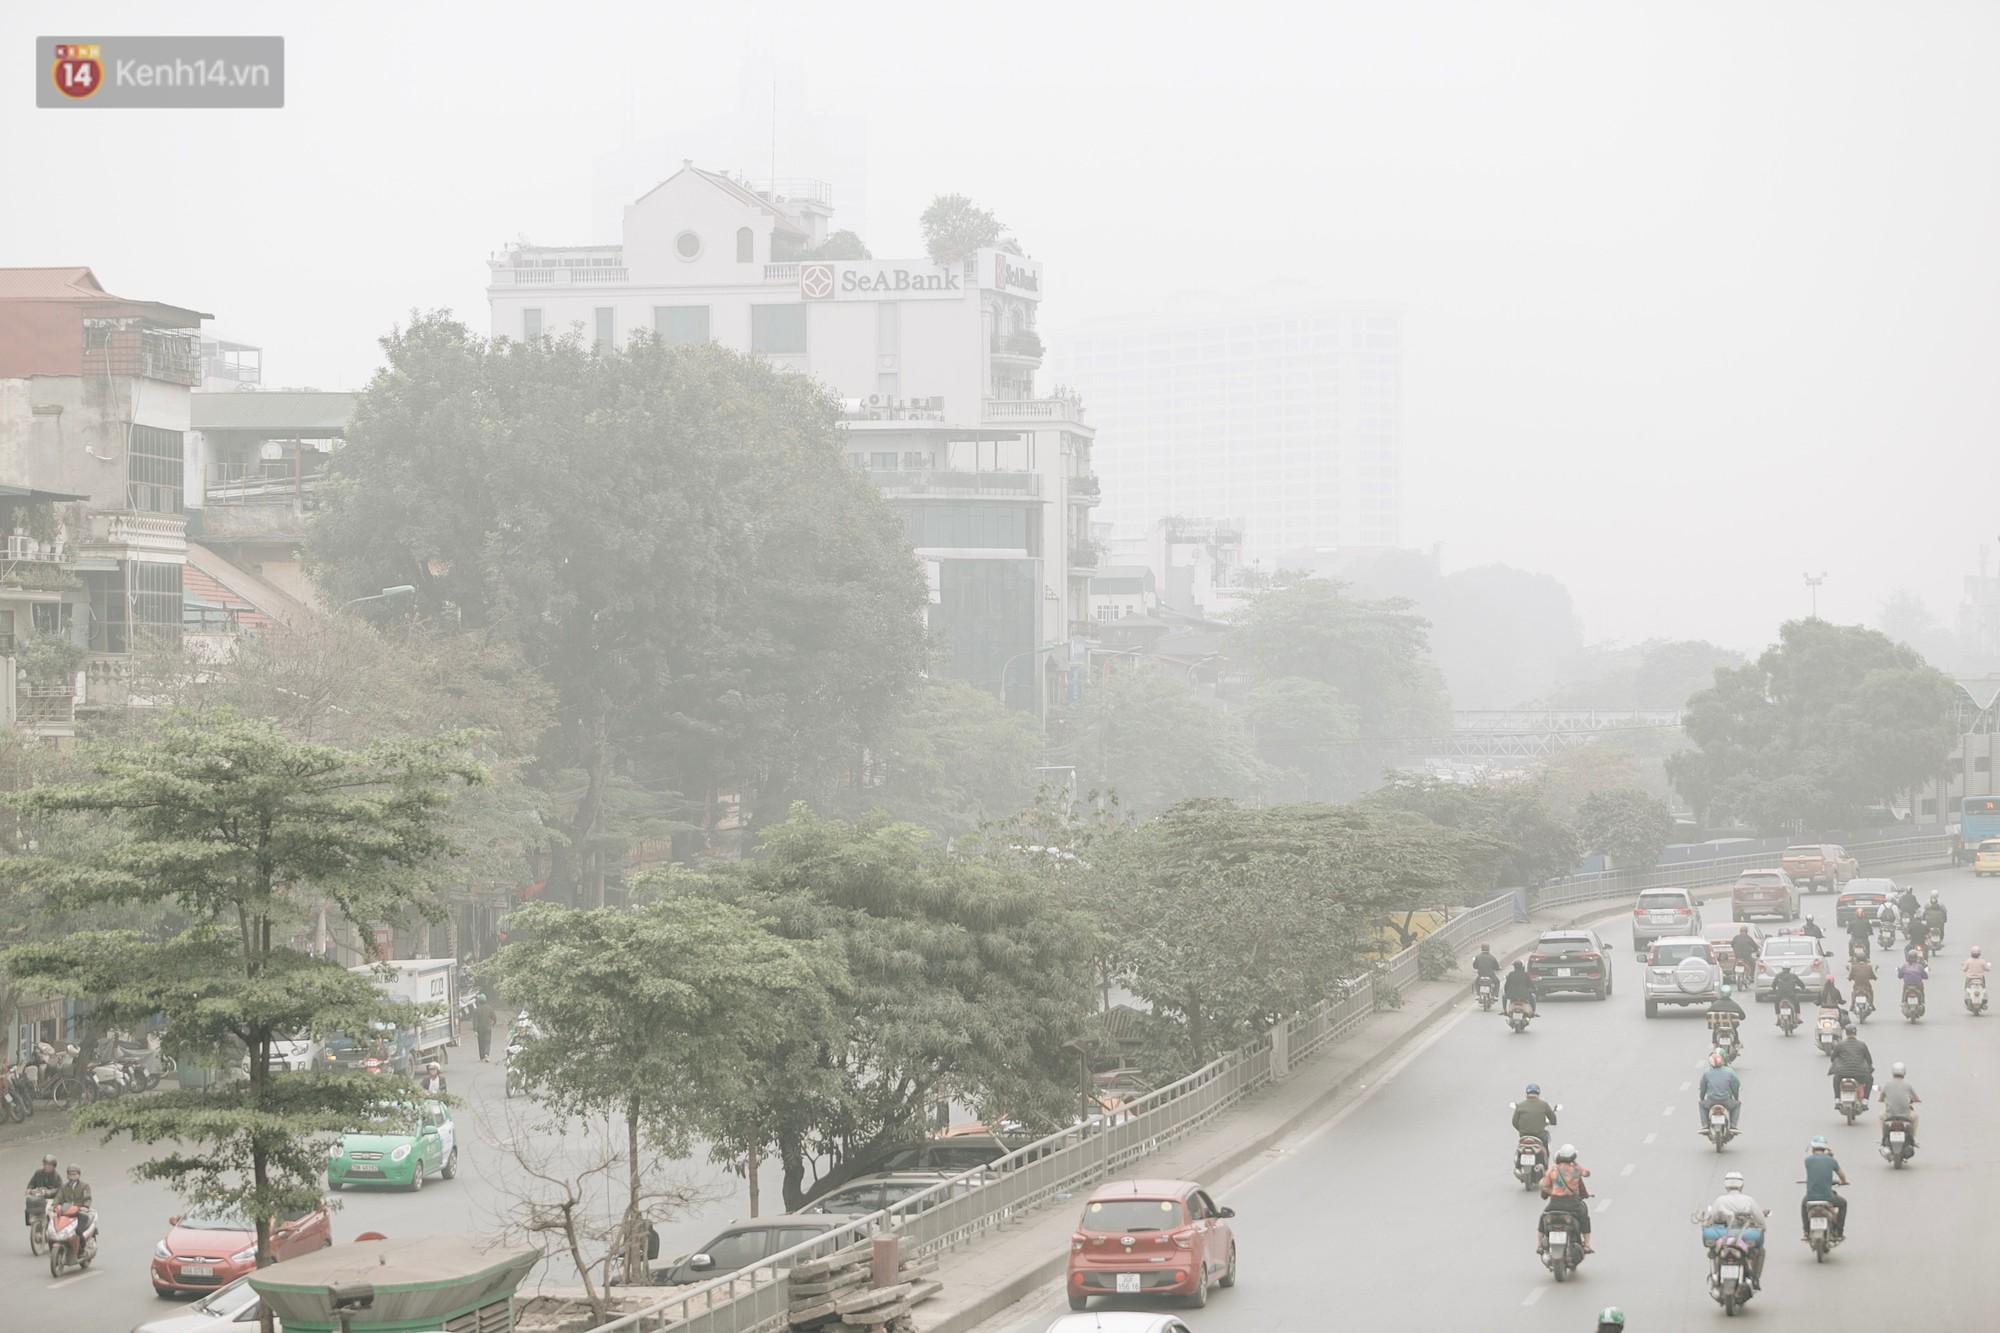 Hà Nội ngập trong sương bụi mù mịt bao phủ tầm nhìn: Tình trạng ô nhiễm không khí đáng báo động! - Ảnh 1.